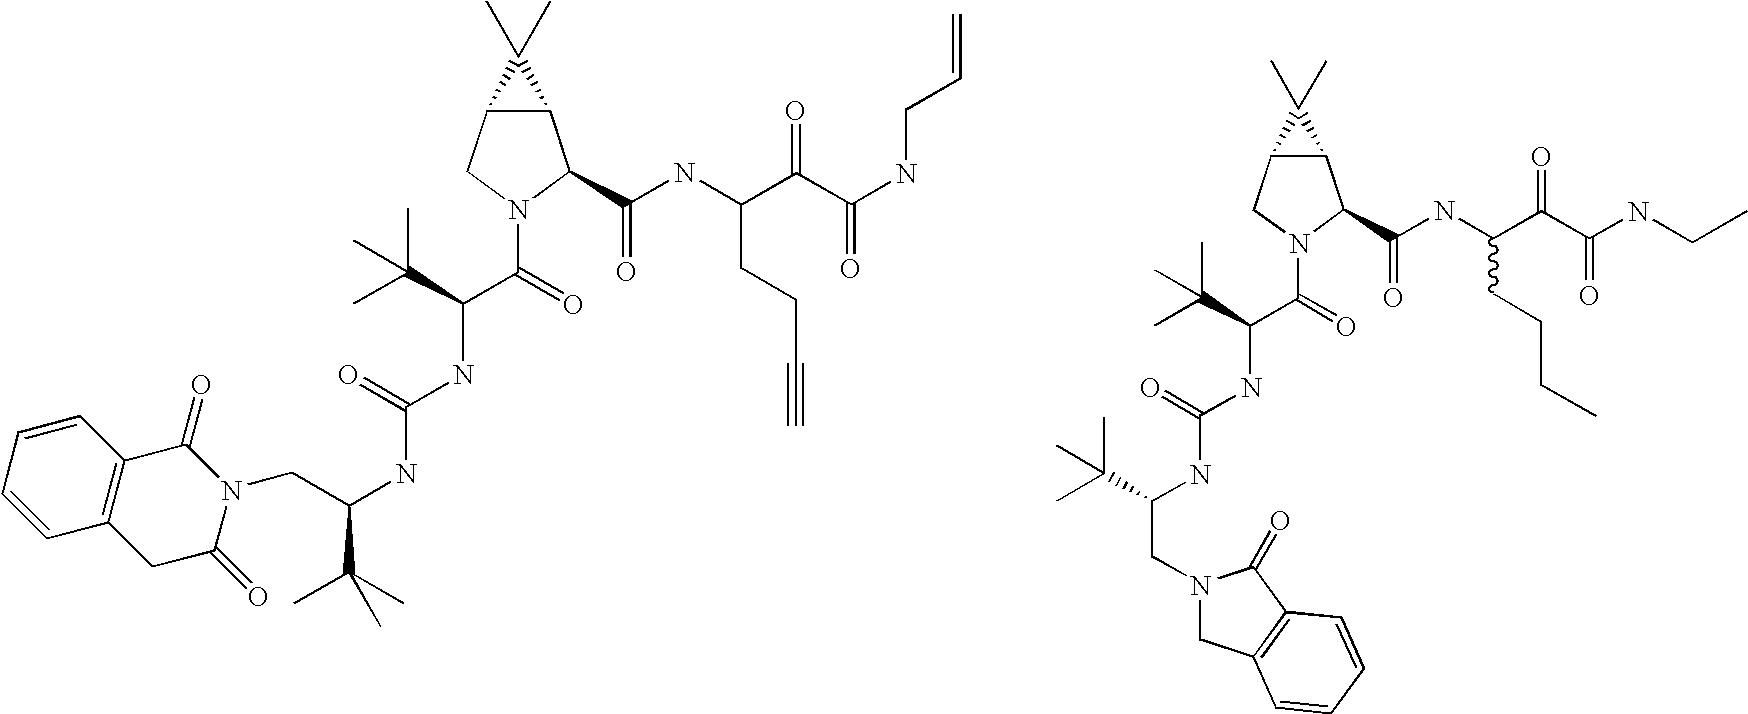 Figure US20060287248A1-20061221-C00426